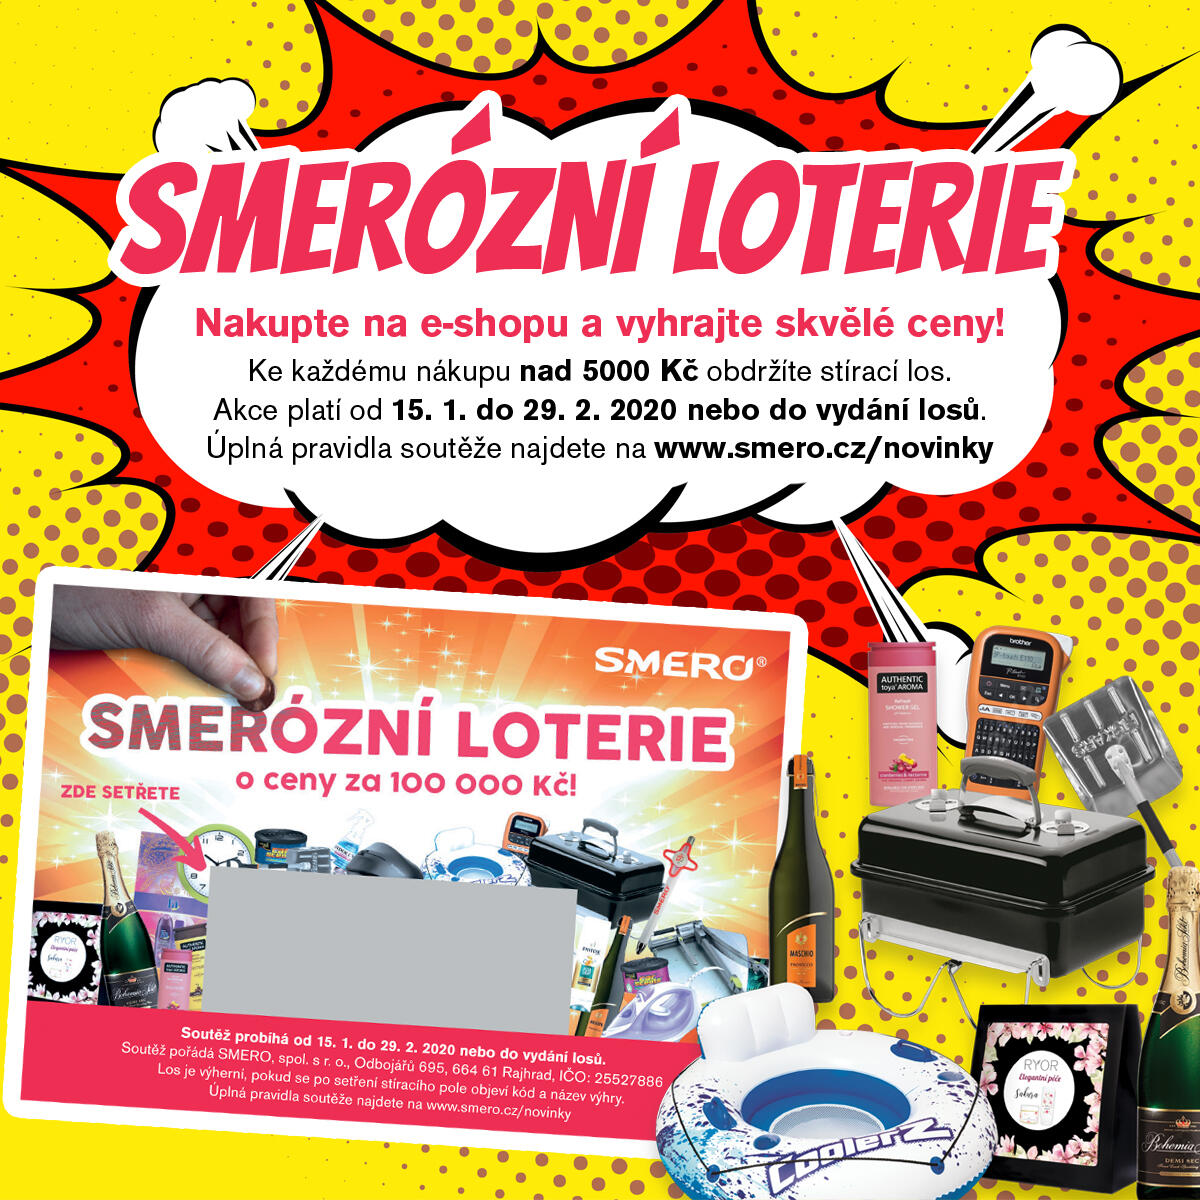 Smerózní loterie inside